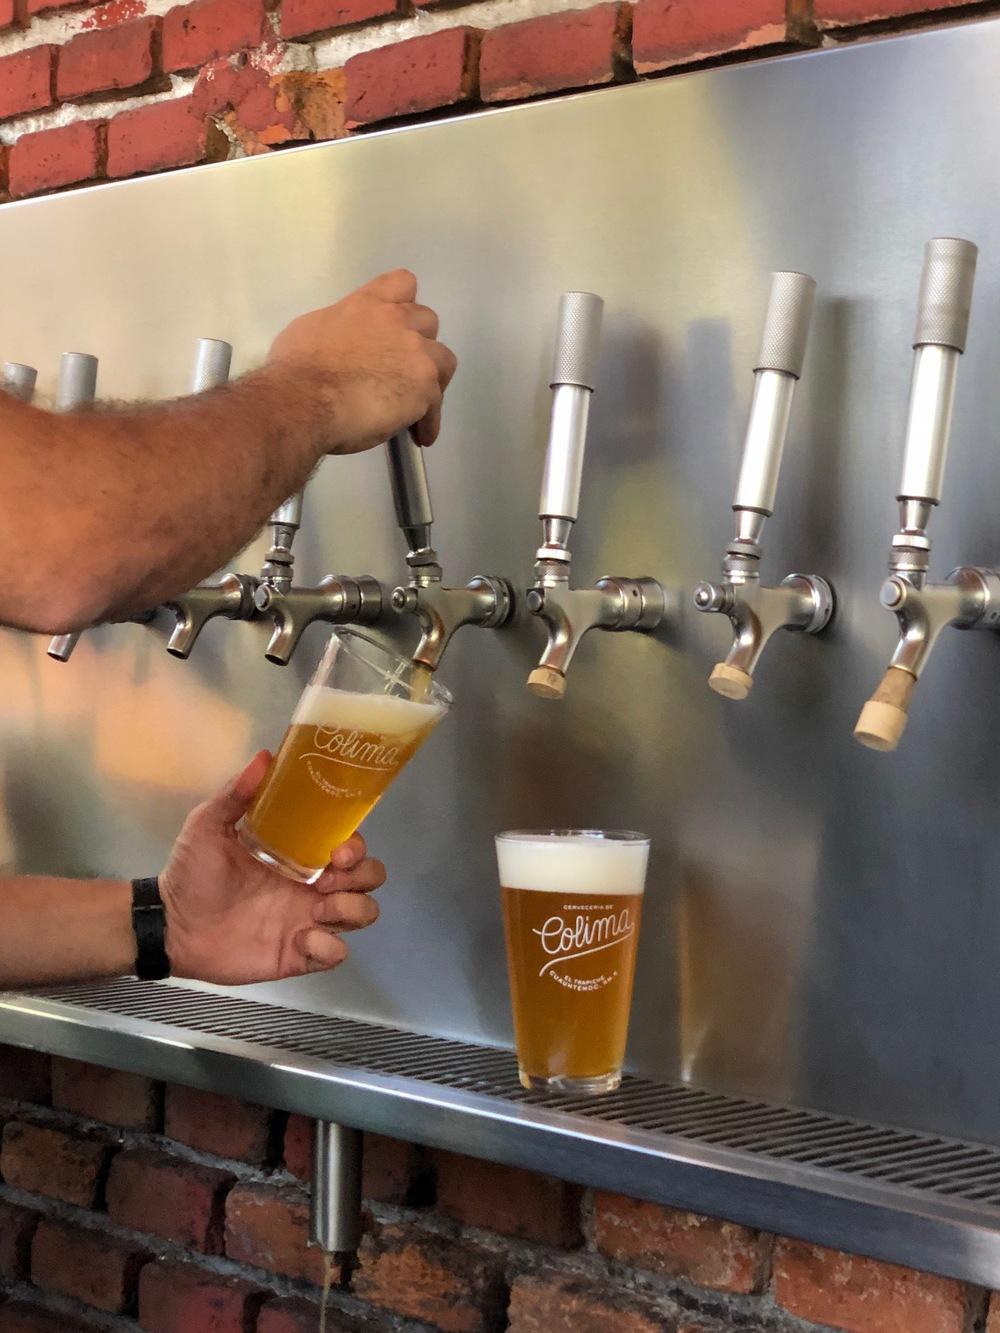 Club-de-cerveza-club-colima